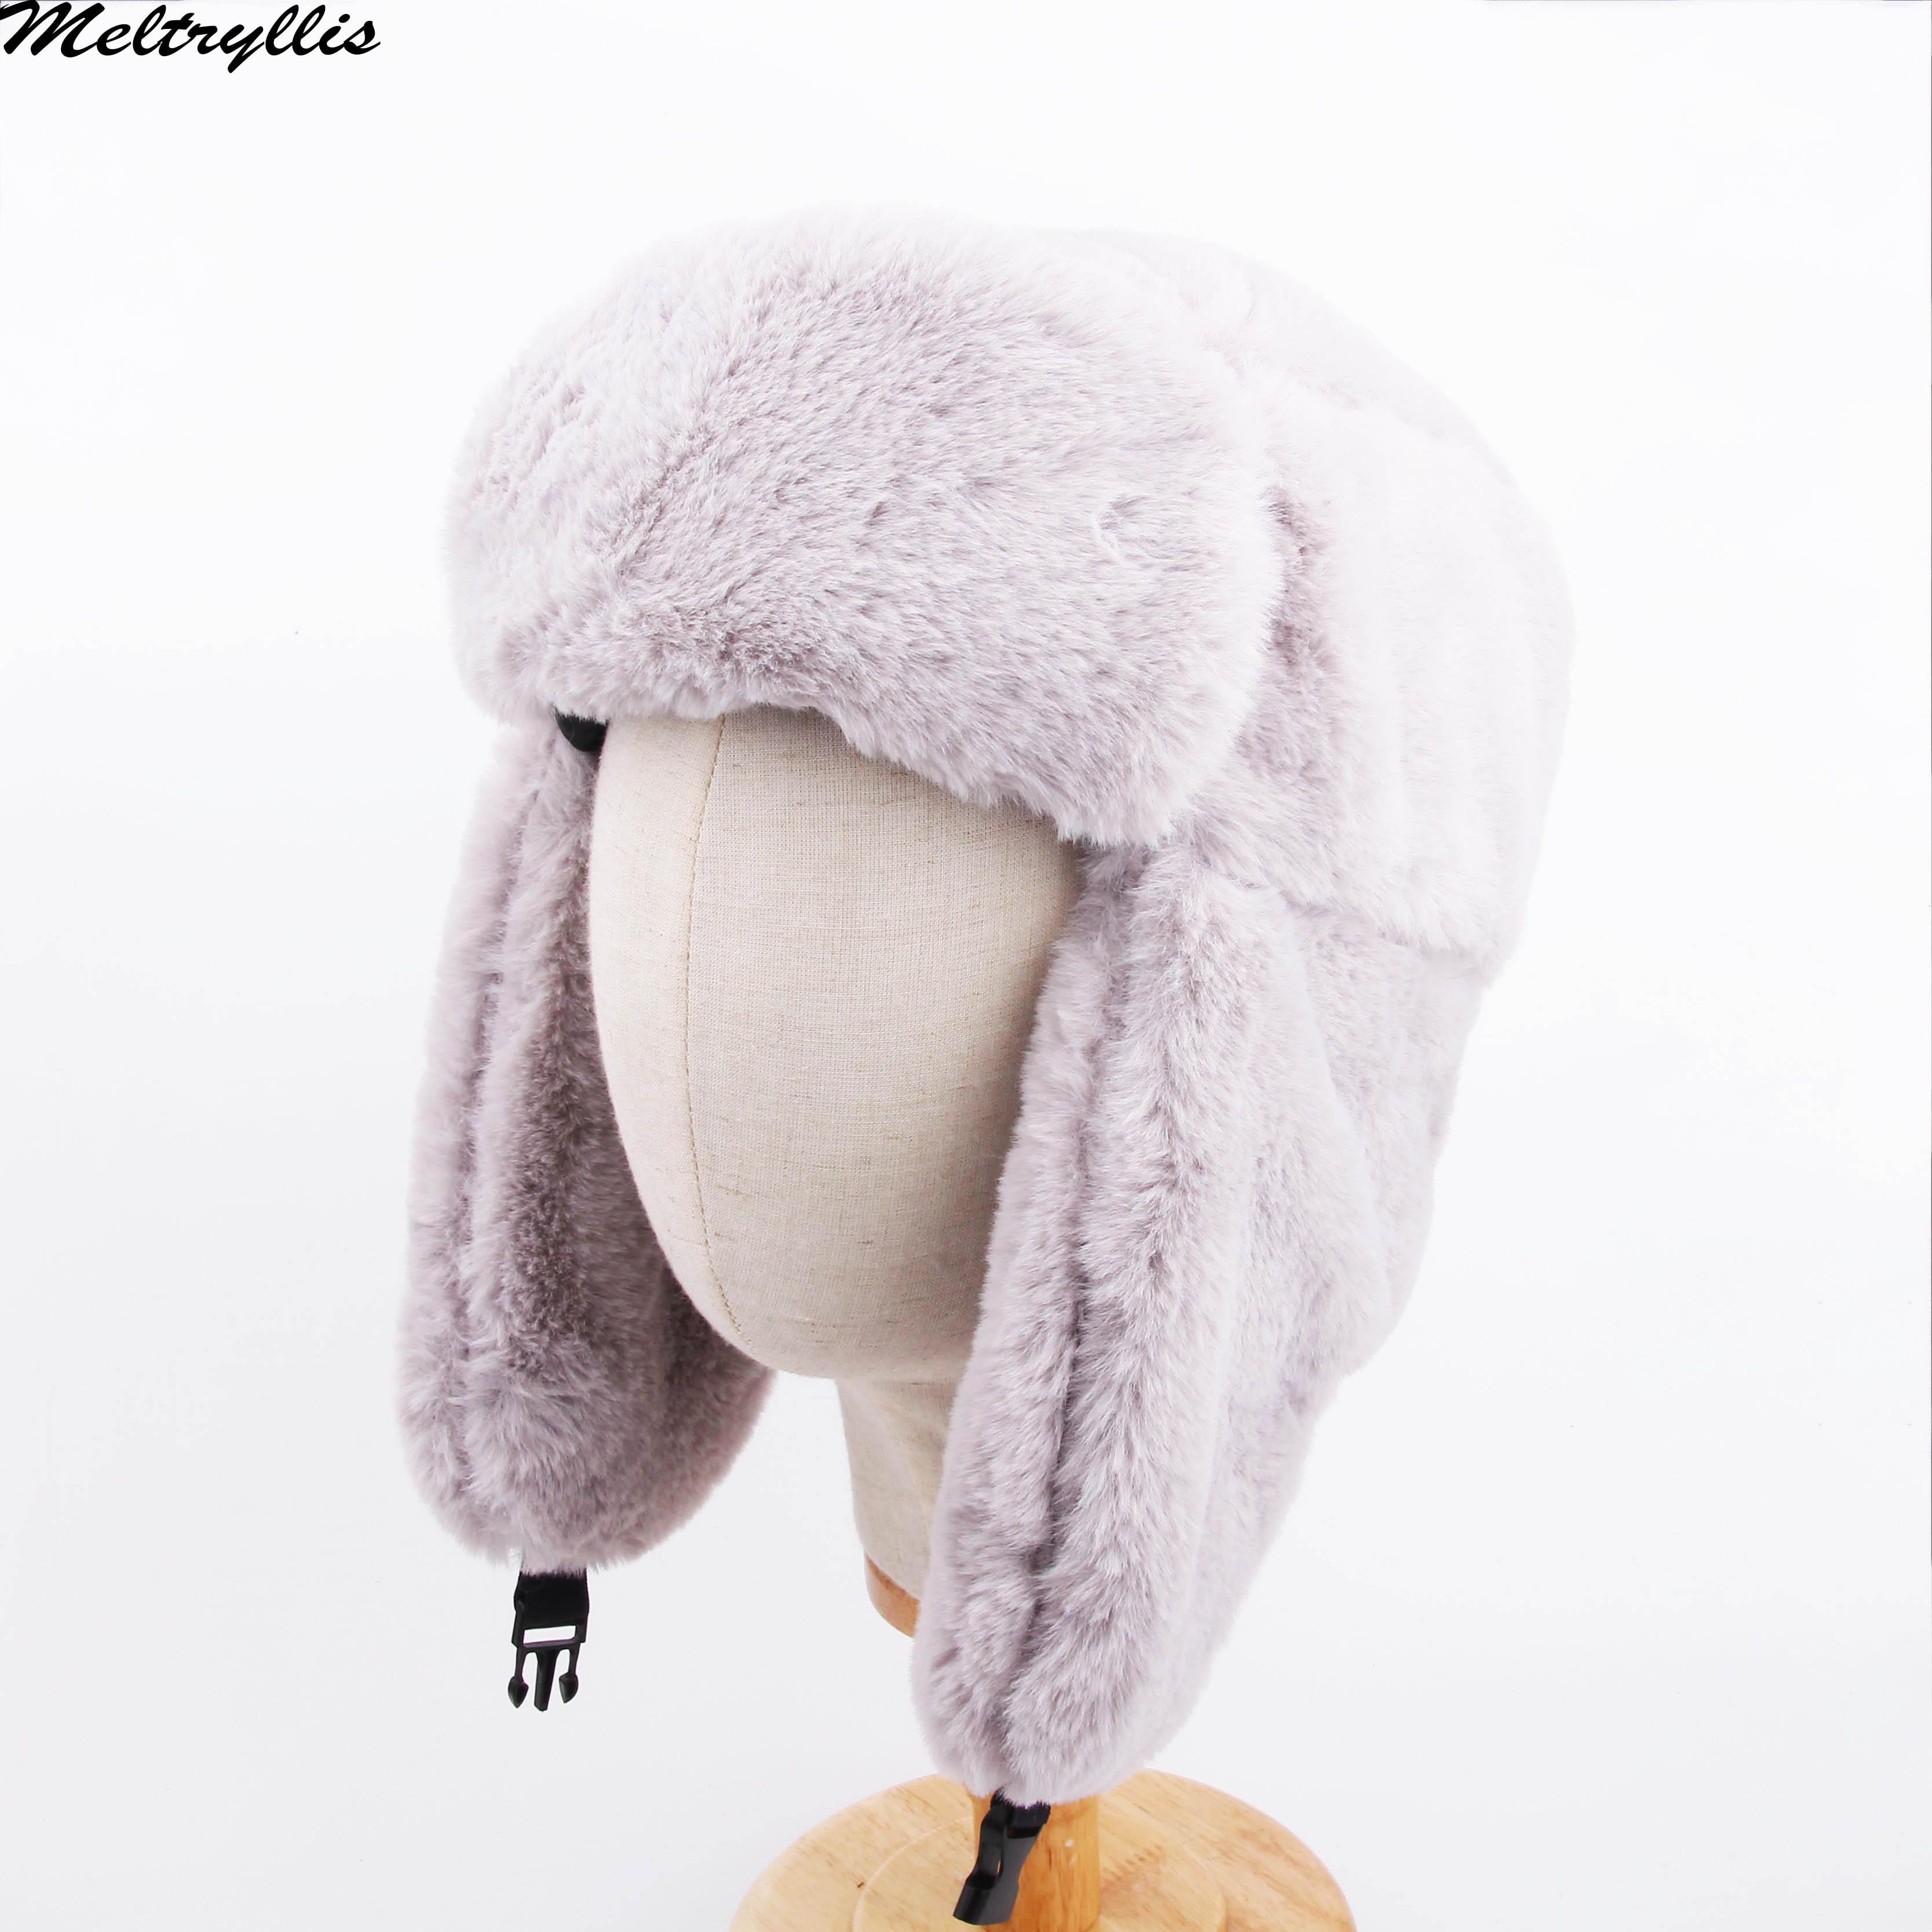 [Meltryllis] зимняя Лыжная шапка теплые наушники утолщенная с ушками для мужчин и